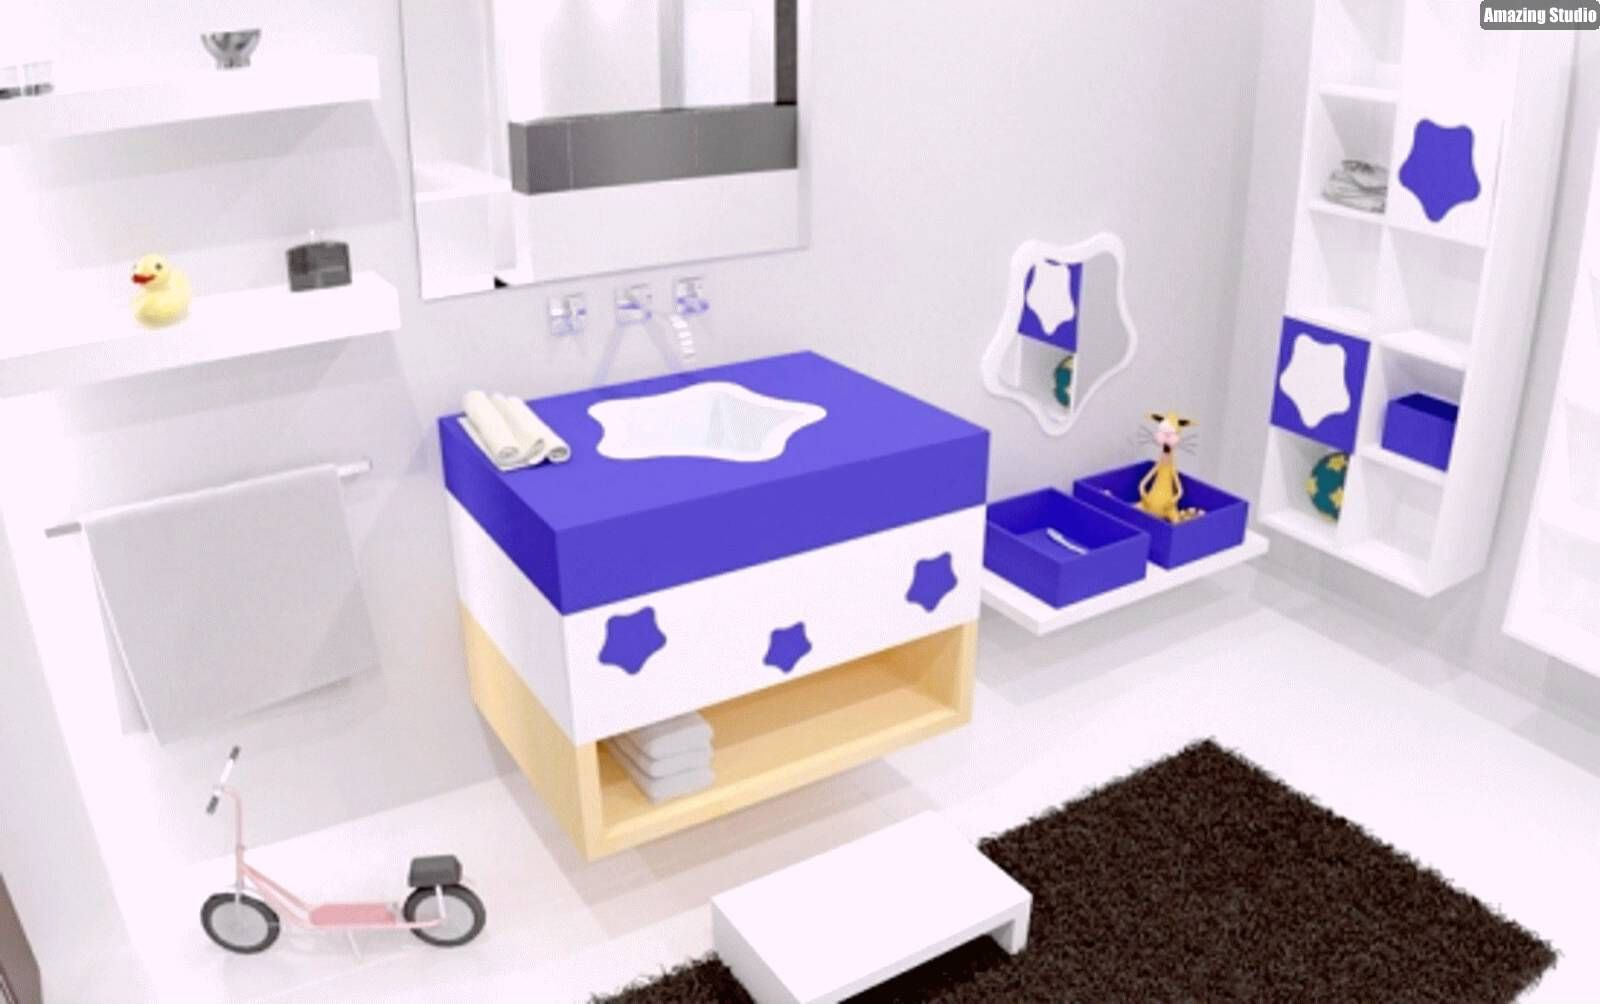 Full Size of Runder Teppich Kinderzimmer 12 Einzigartig Wohnzimmer Steinteppich Bad Schlafzimmer Badezimmer Esstisch Ausziehbar Weiß Küche Regal Sofa Teppiche Für Regale Kinderzimmer Runder Teppich Kinderzimmer